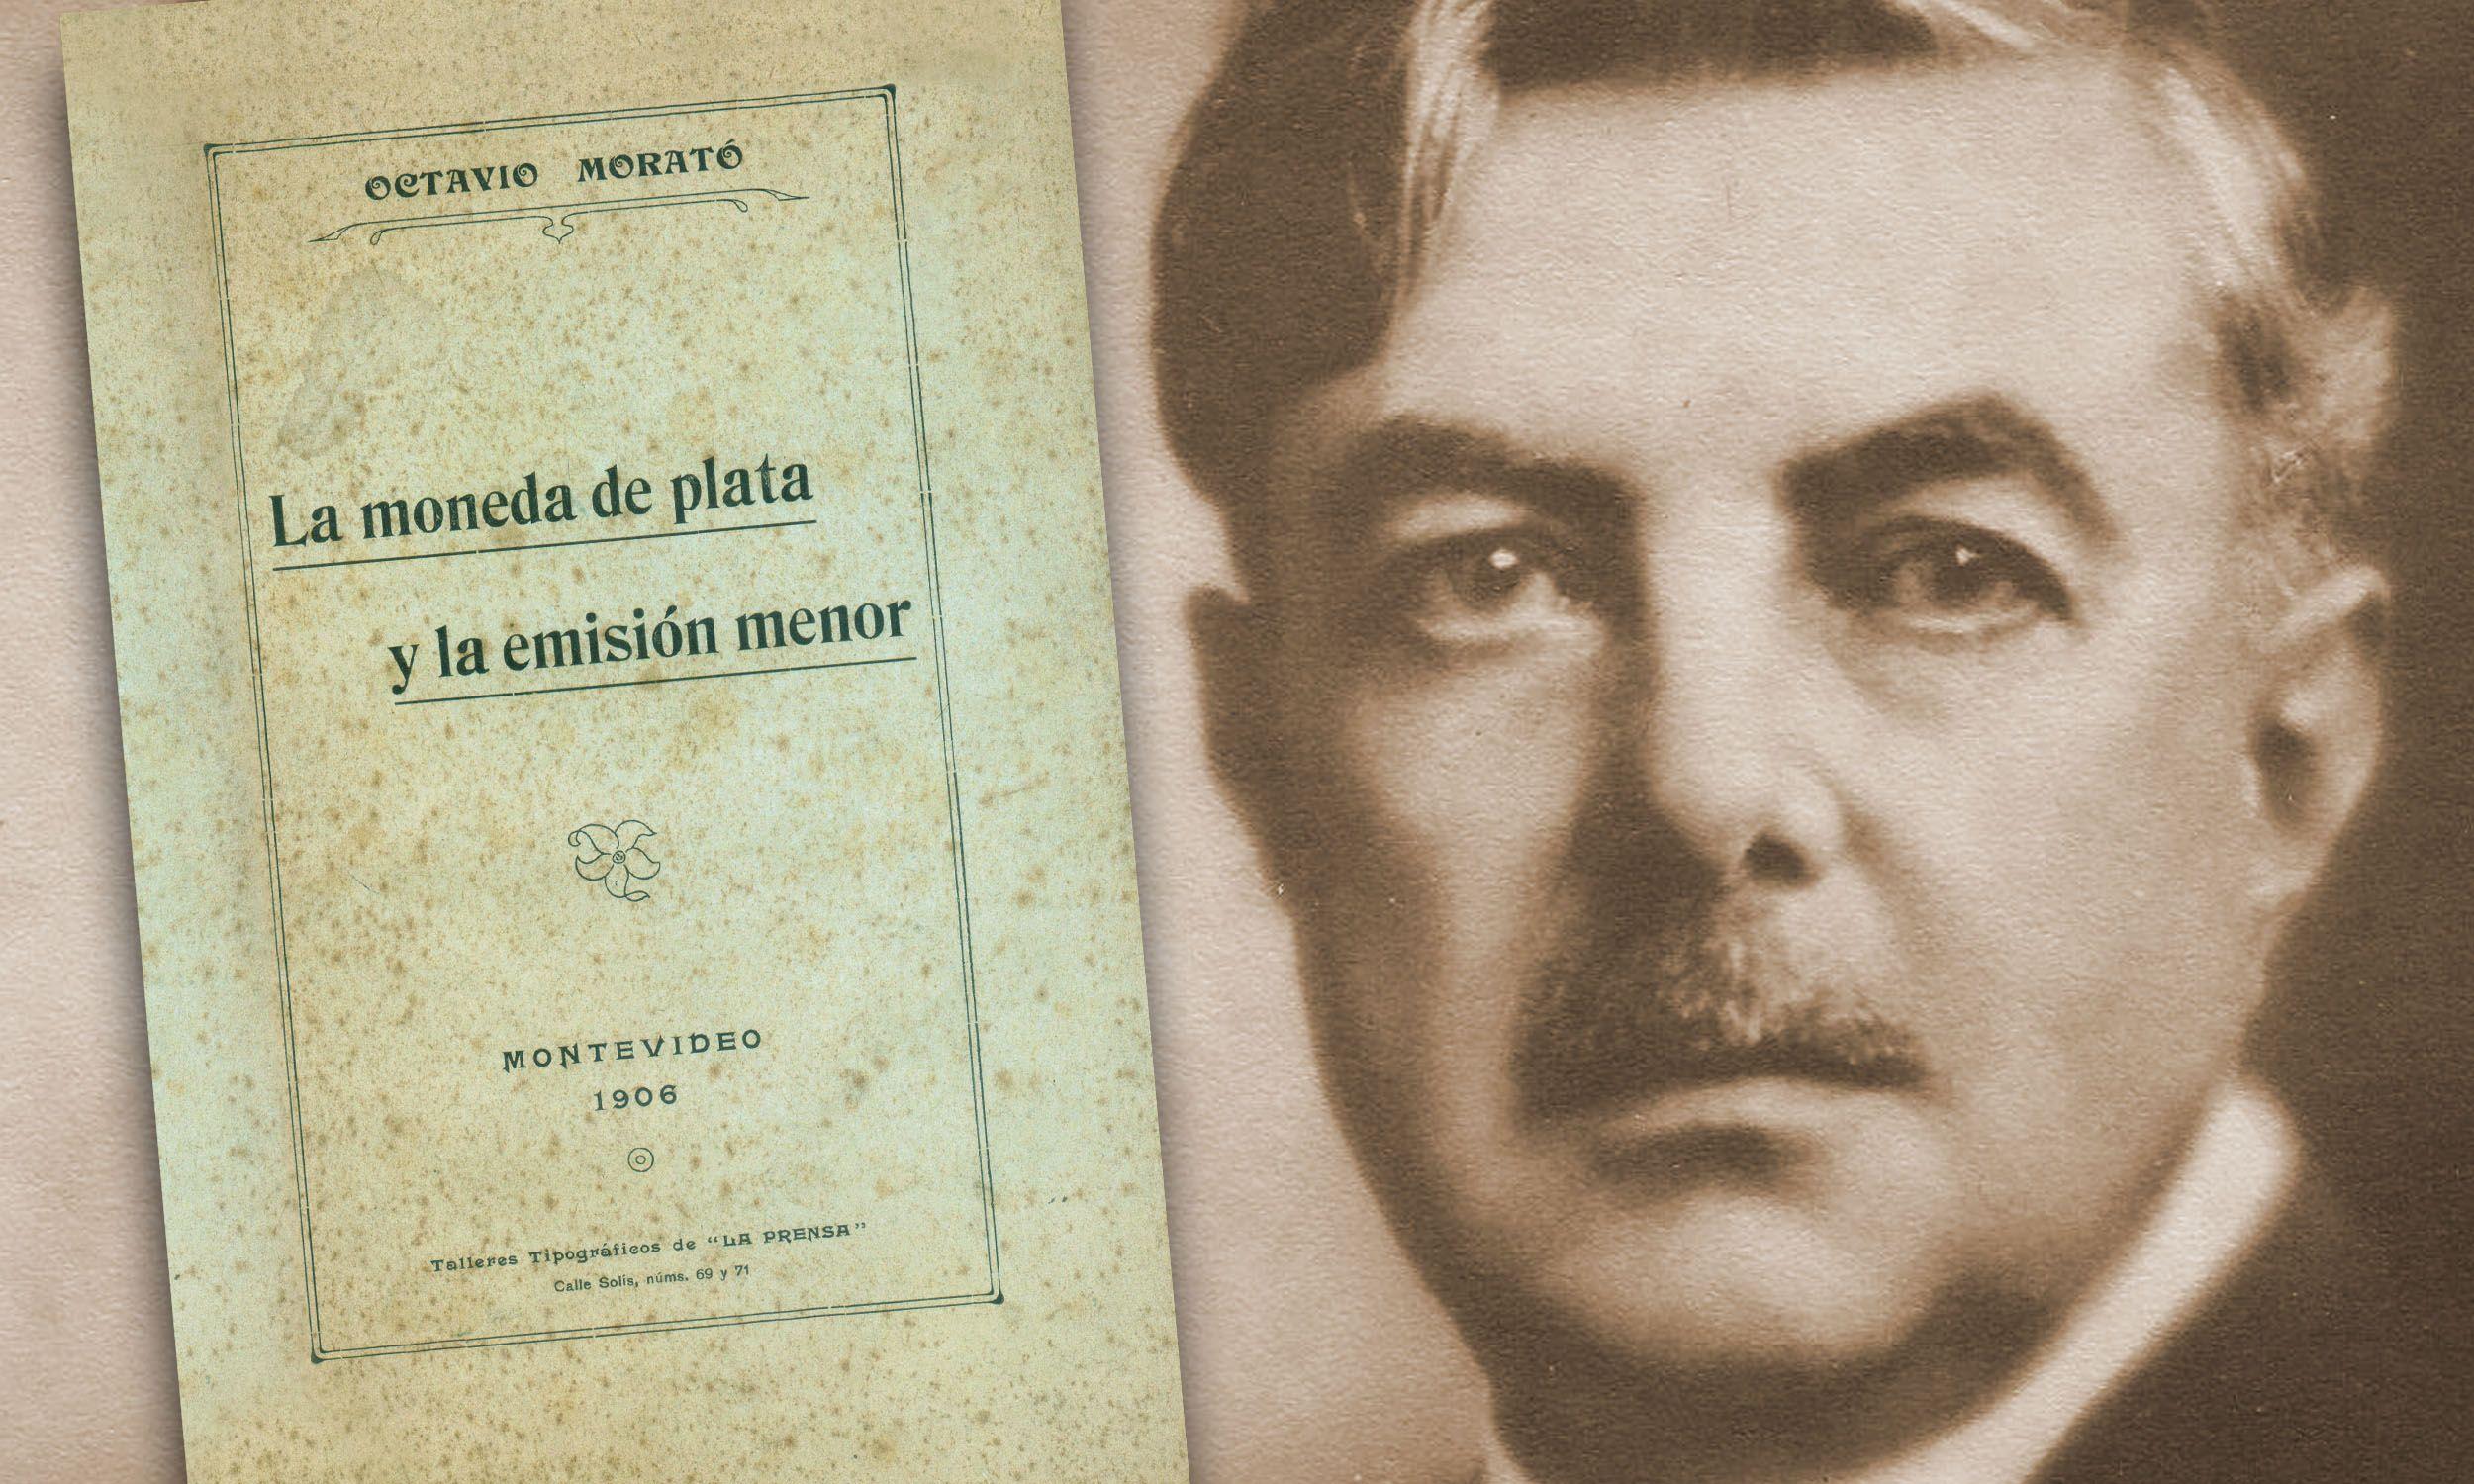 Octavio Morató